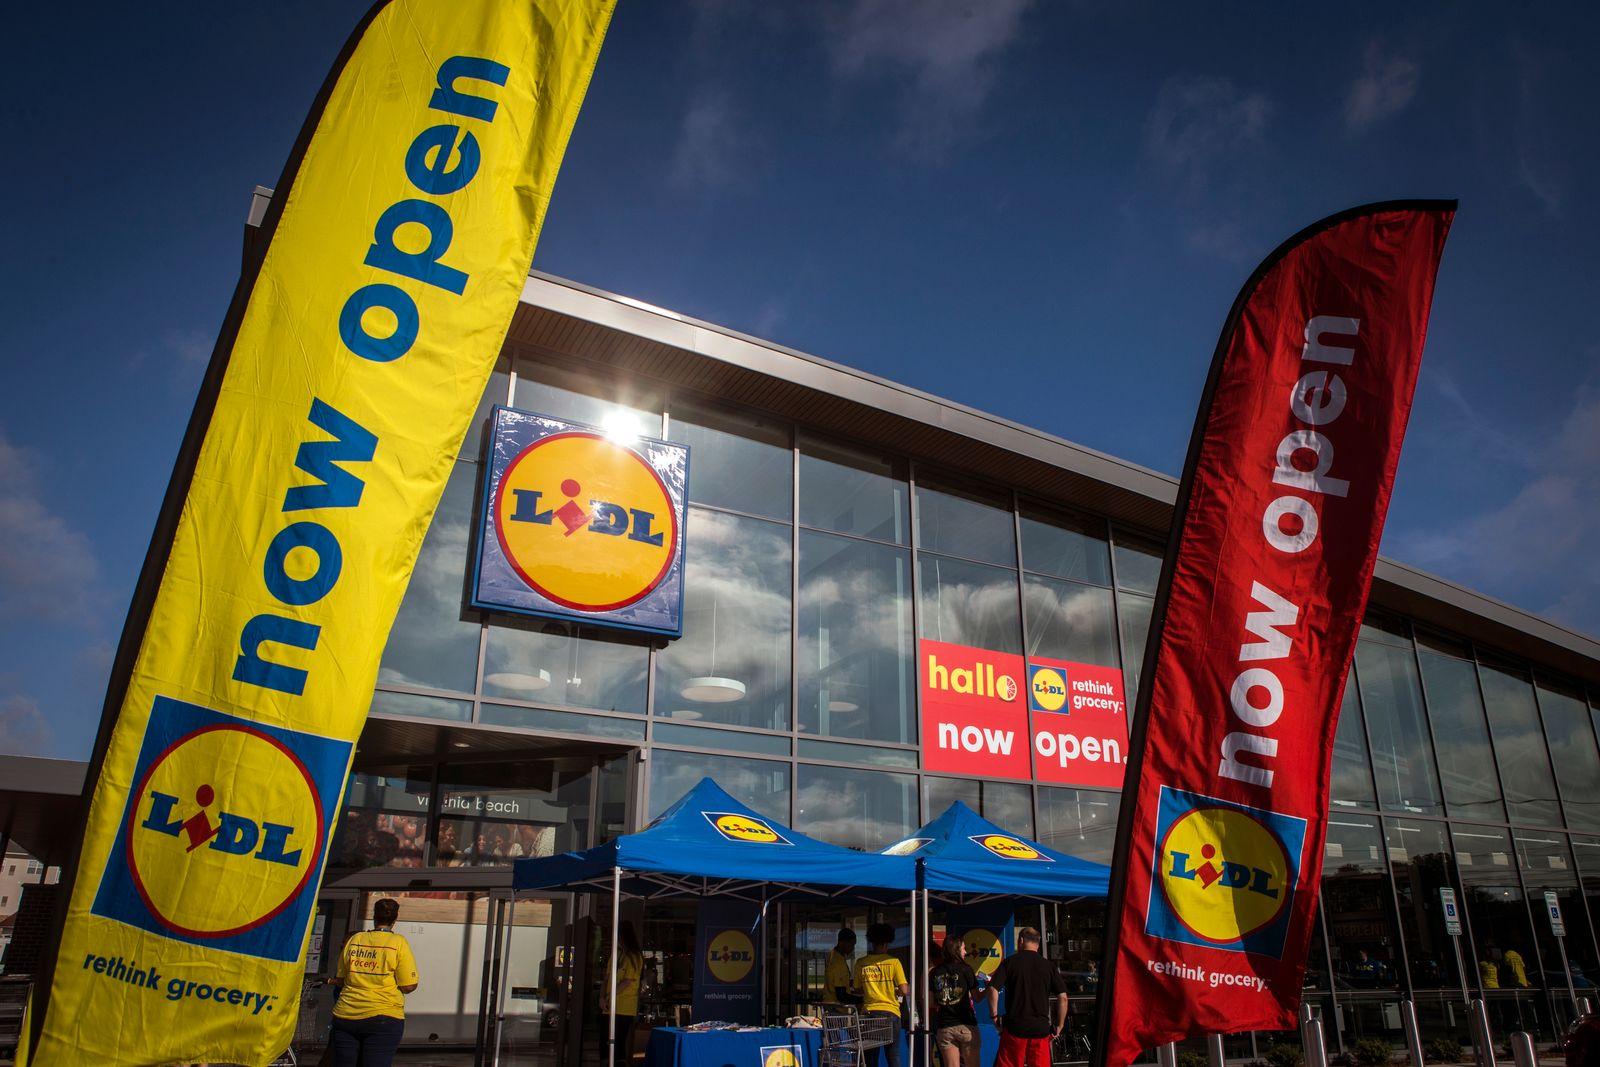 German Grocer Lidl Open Stores In U.S.